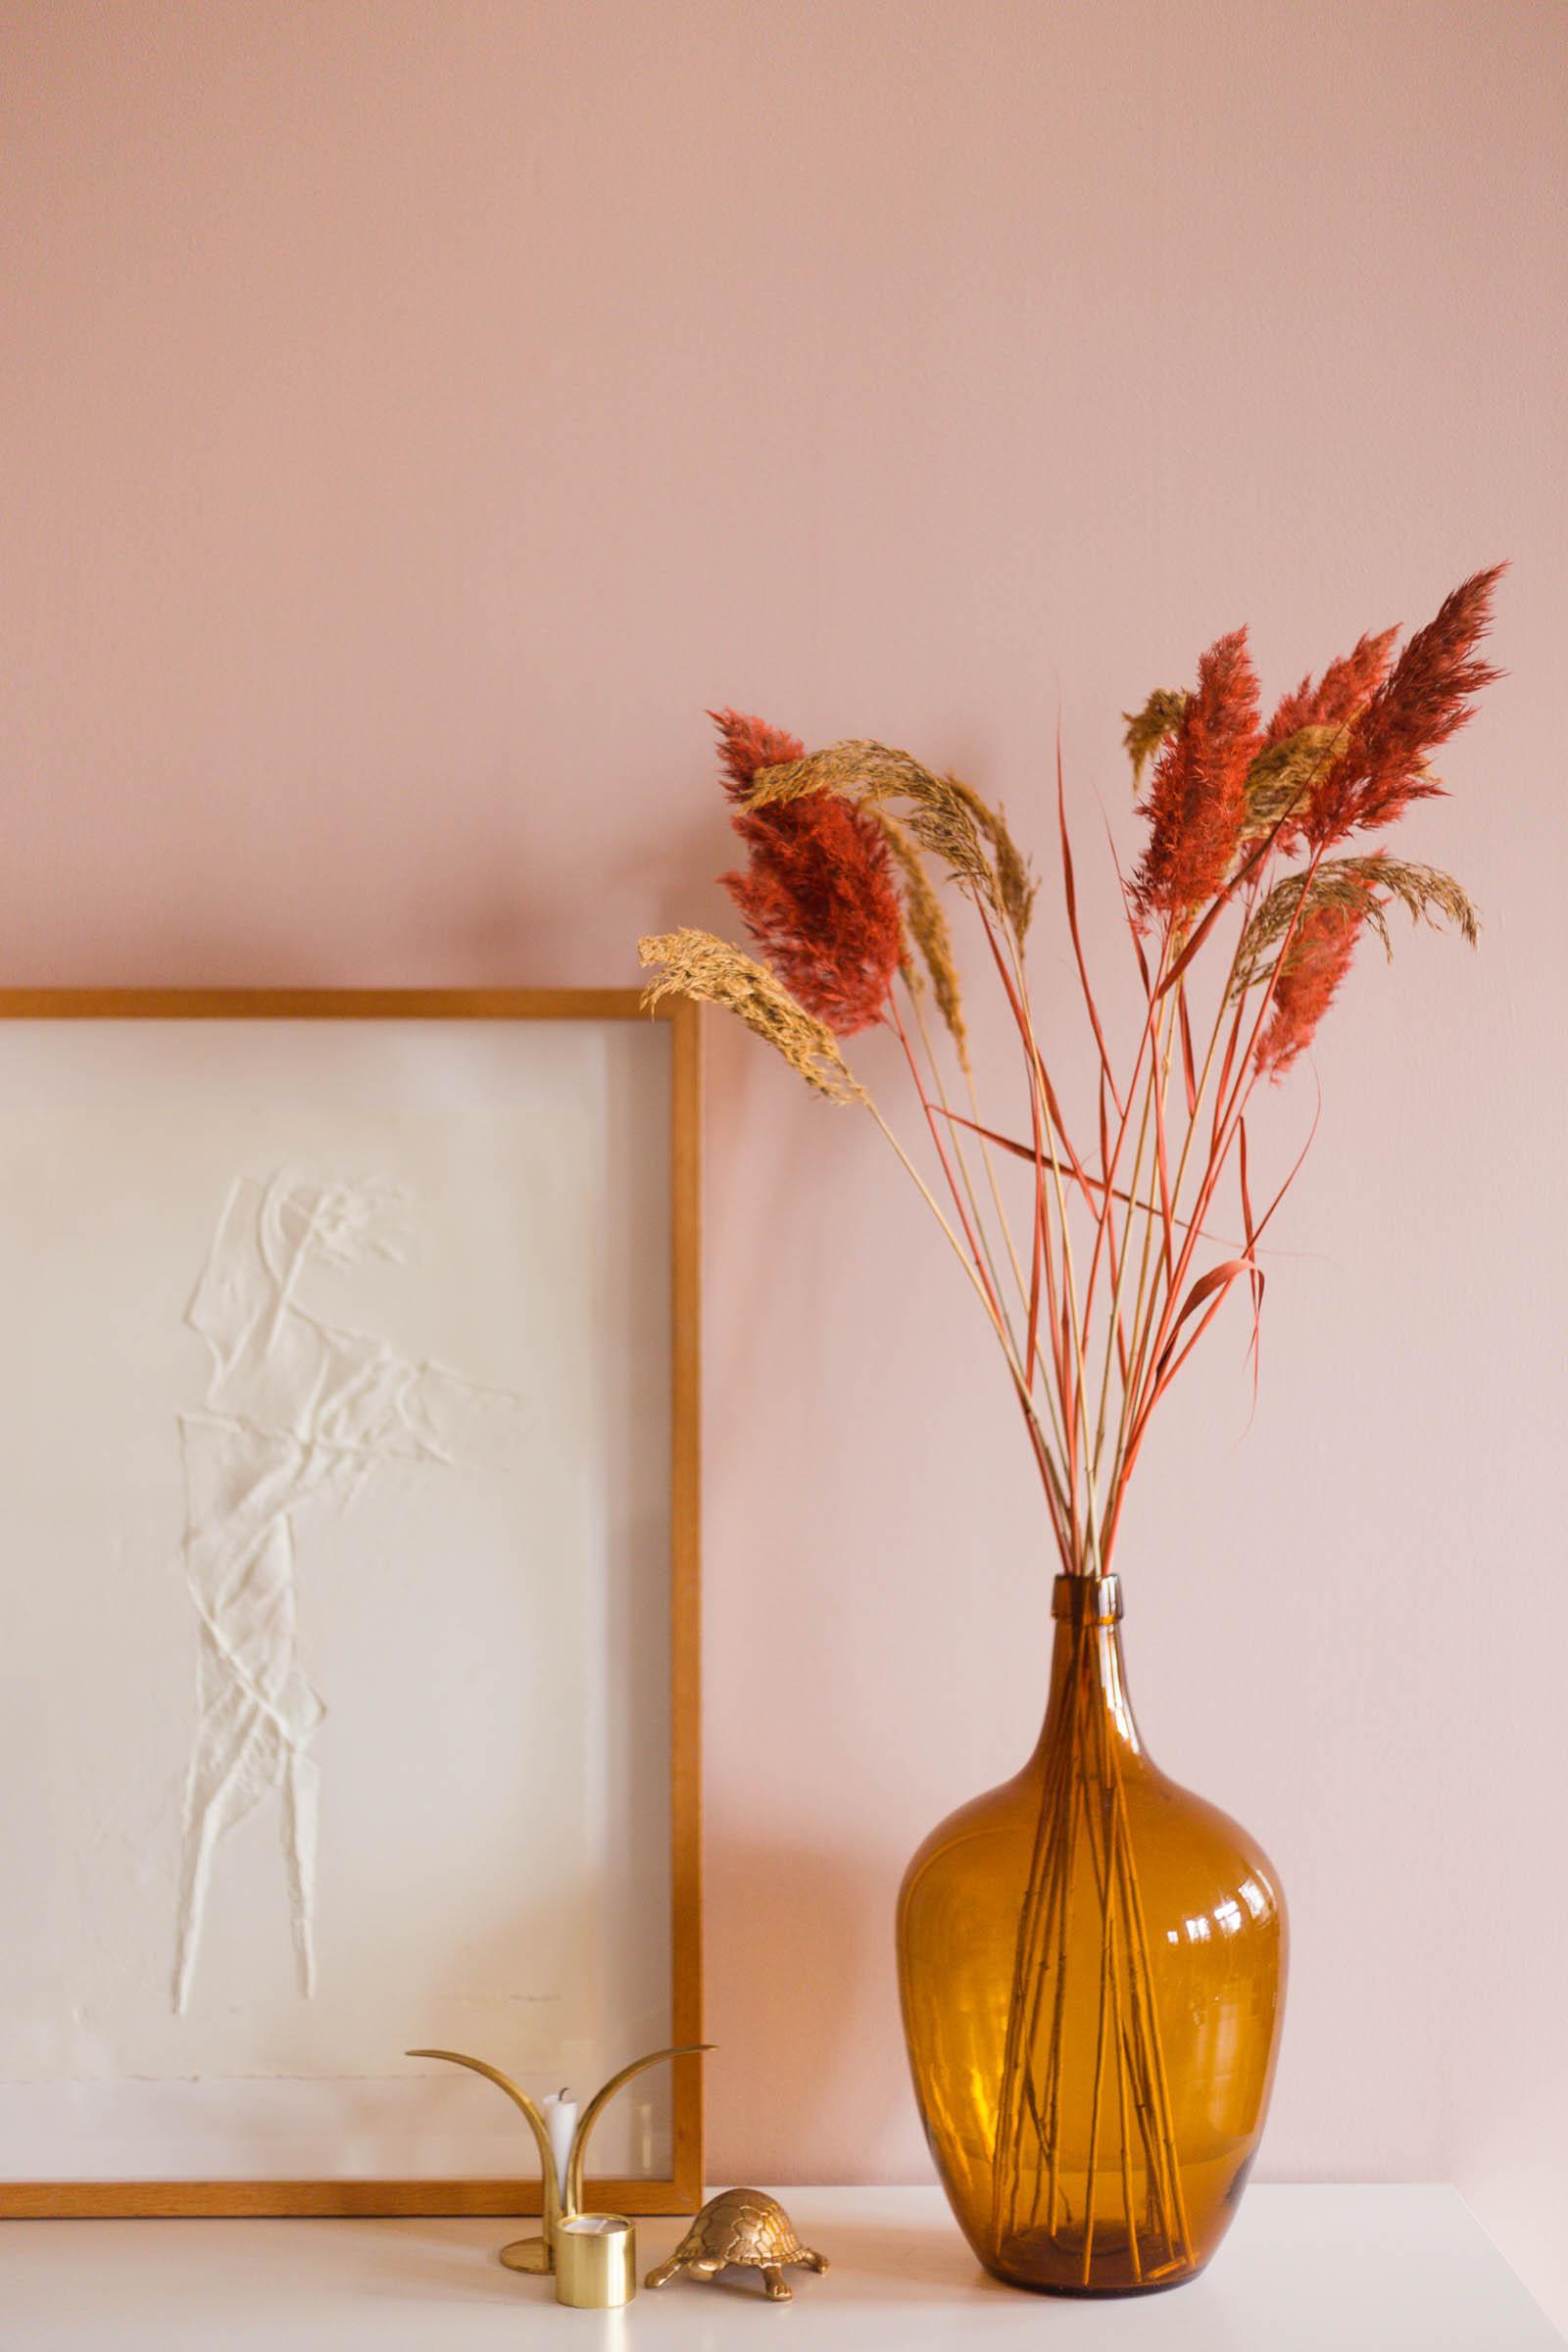 Spraymåla torkade blommor - Dnilva